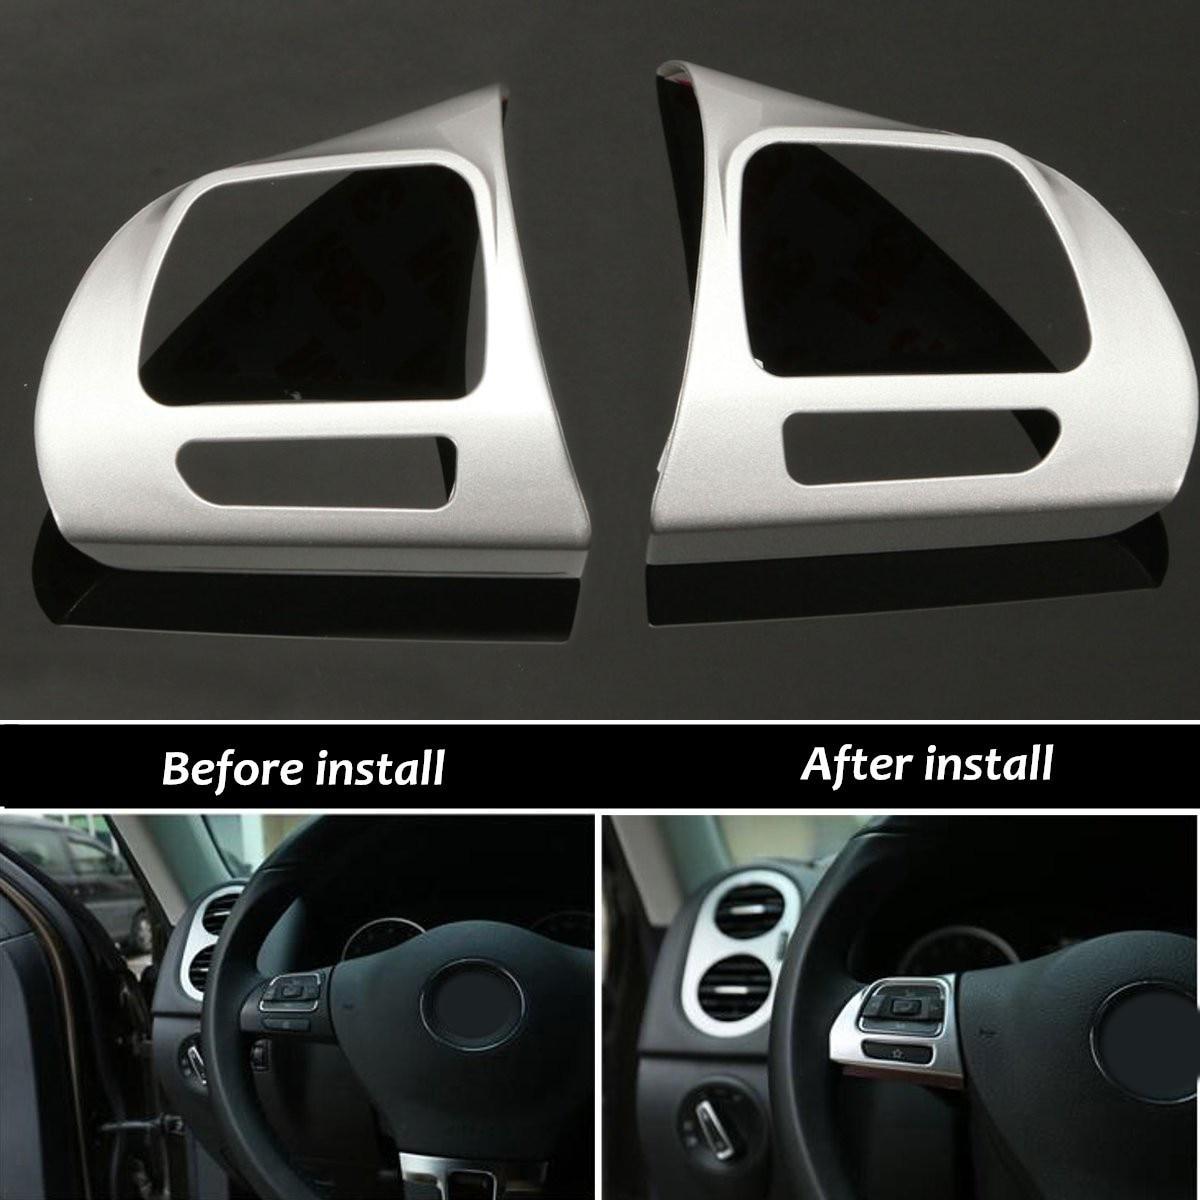 Pair Steering Wheel Chrome Insert Trim Cover Badge For VW Golf MK6 Jetta Passat B7 CC New